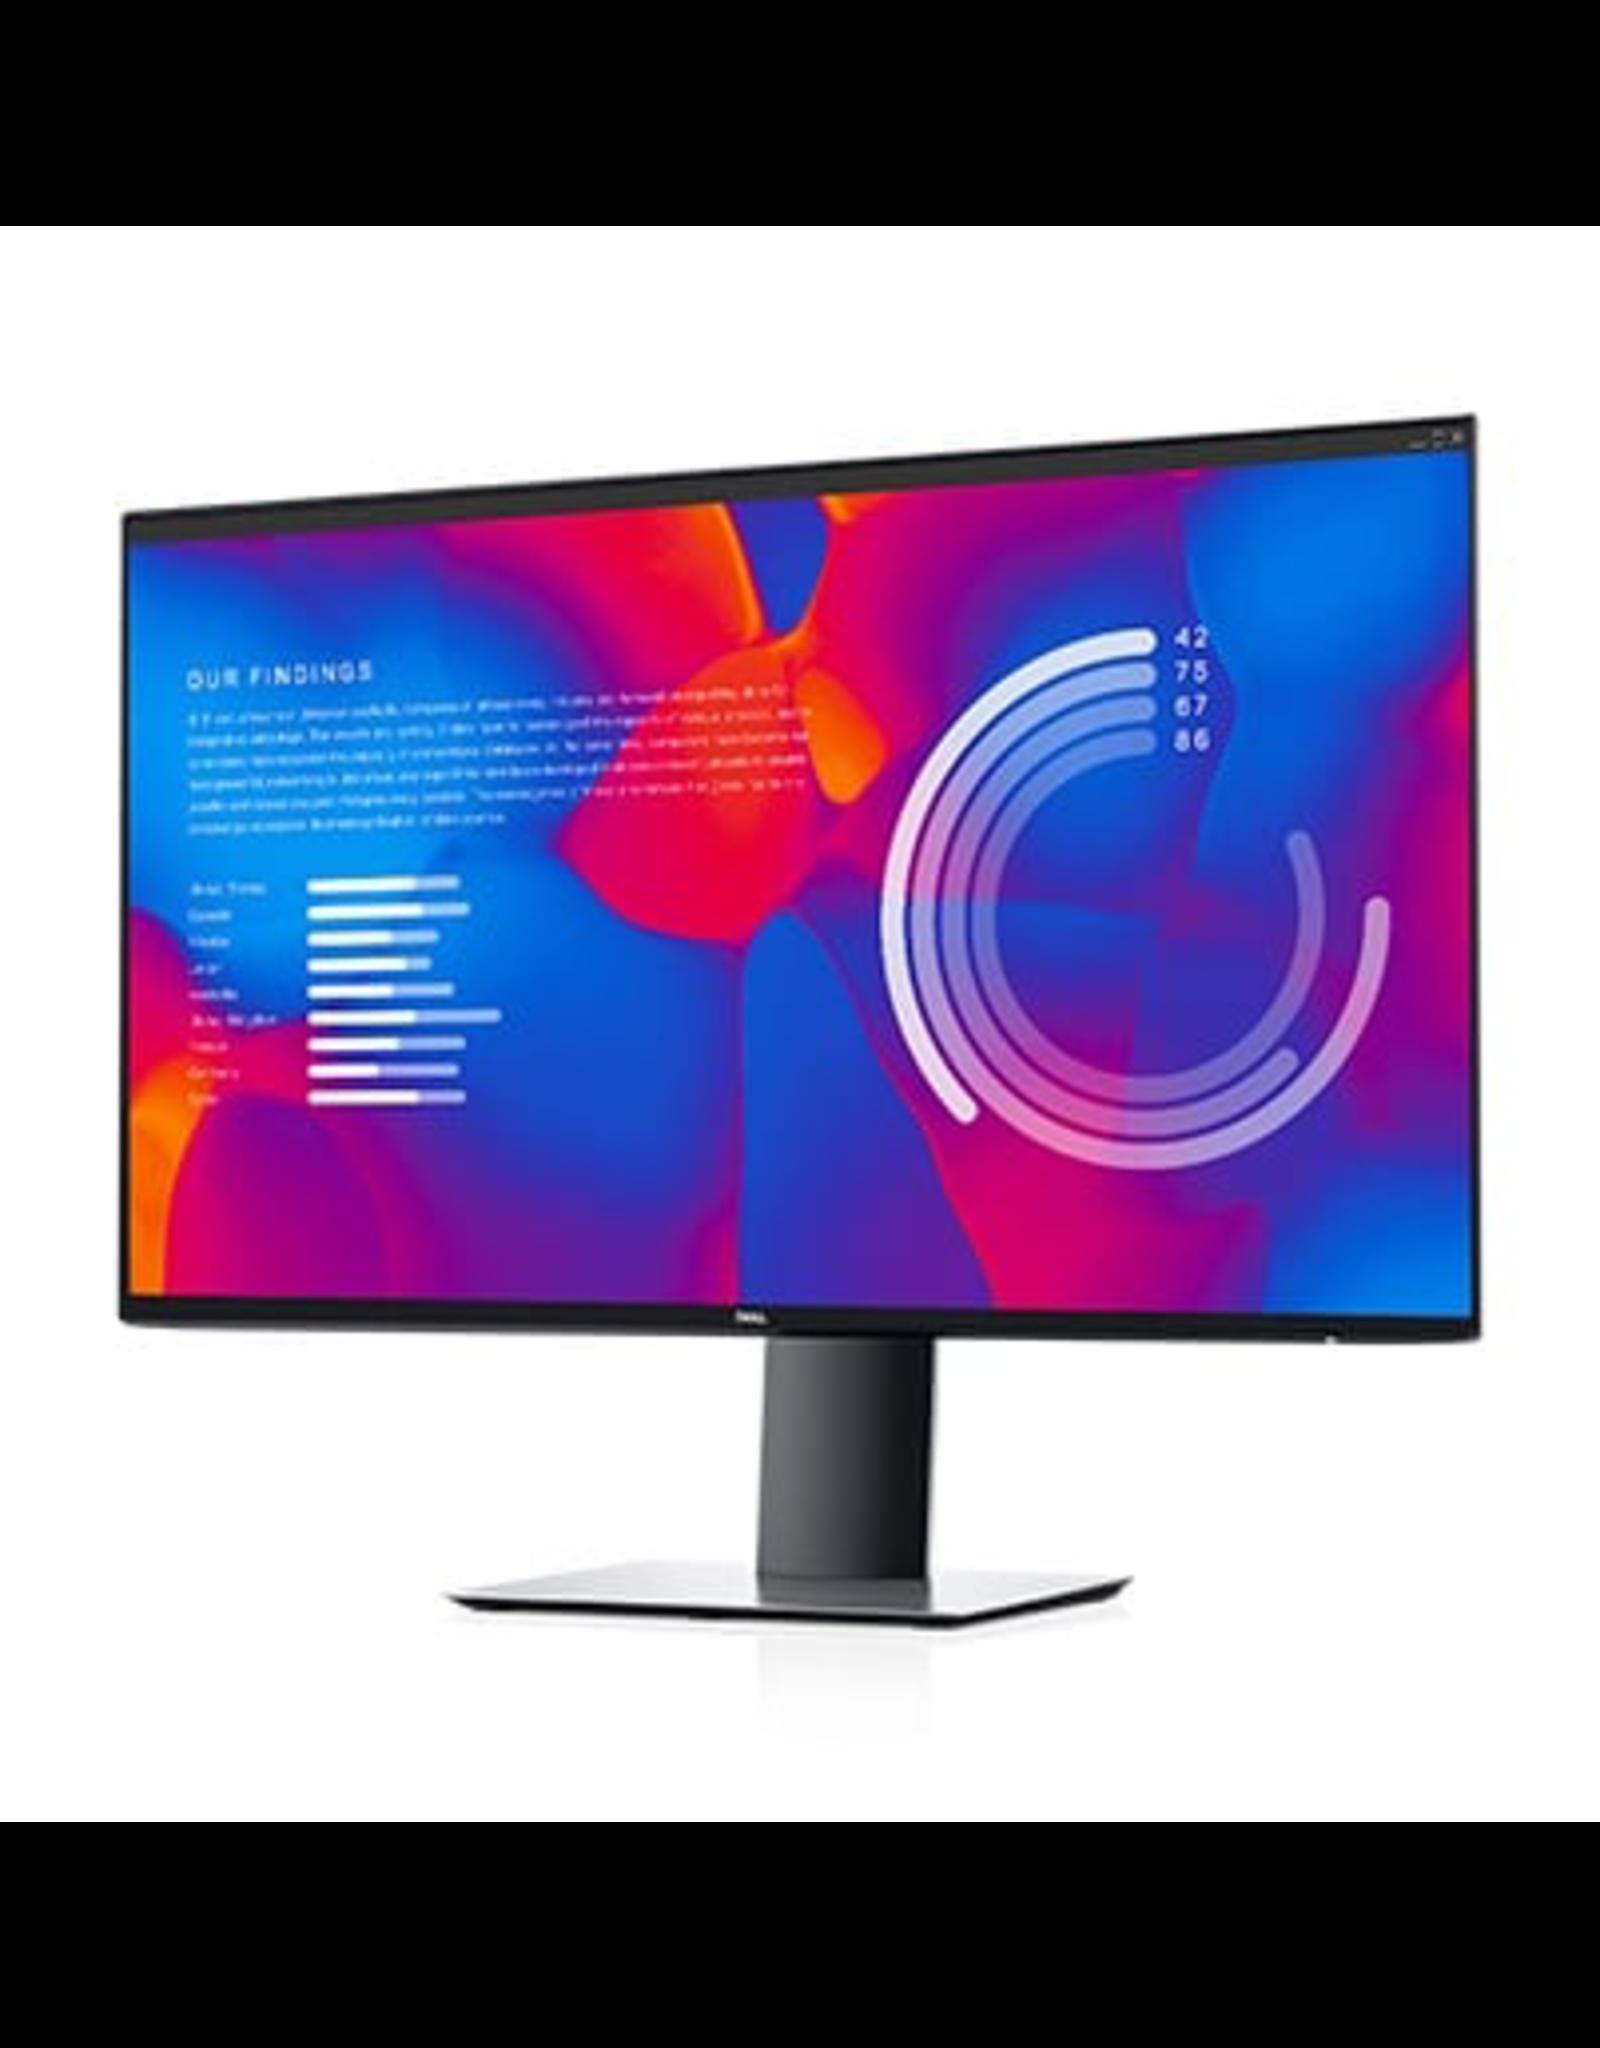 Dell DELL UltraSharp 27 USB-C Monitor 16:9